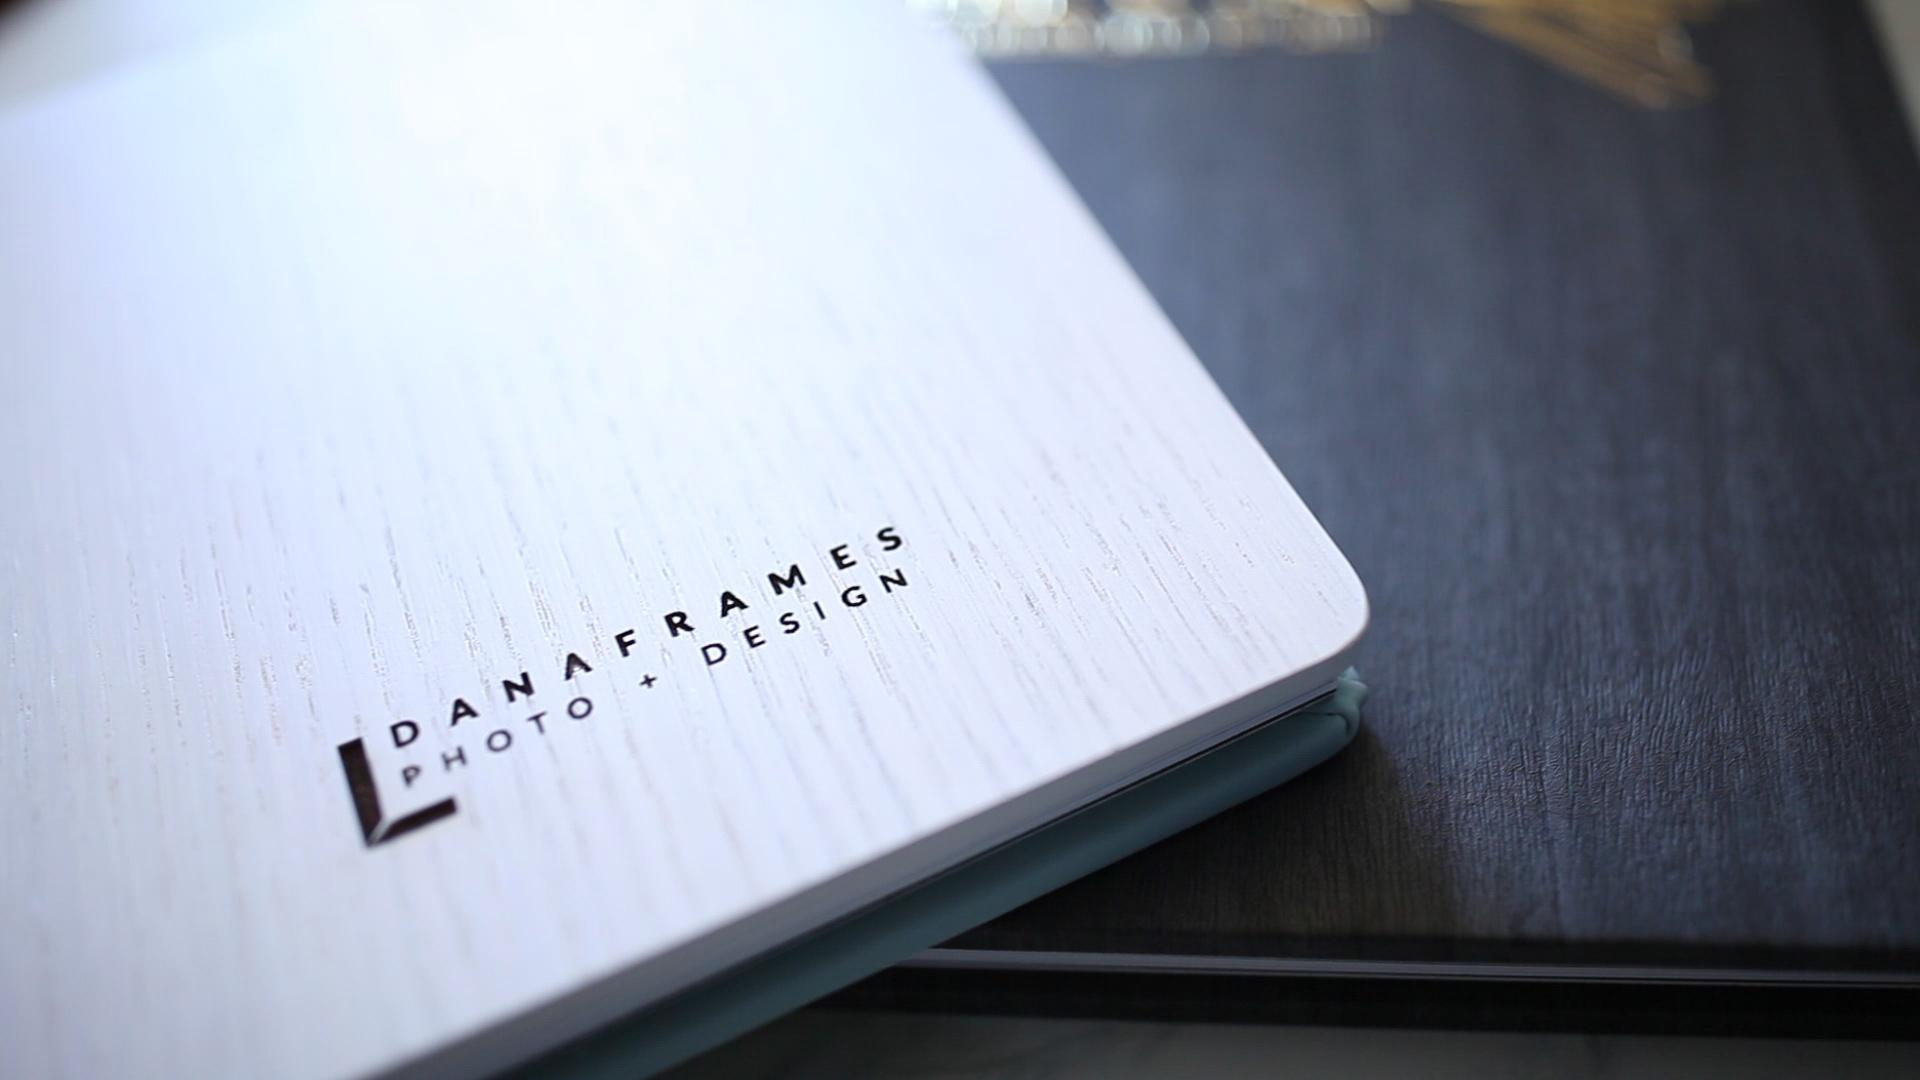 Albums_Dana Frames Photo + Design-5.jpg